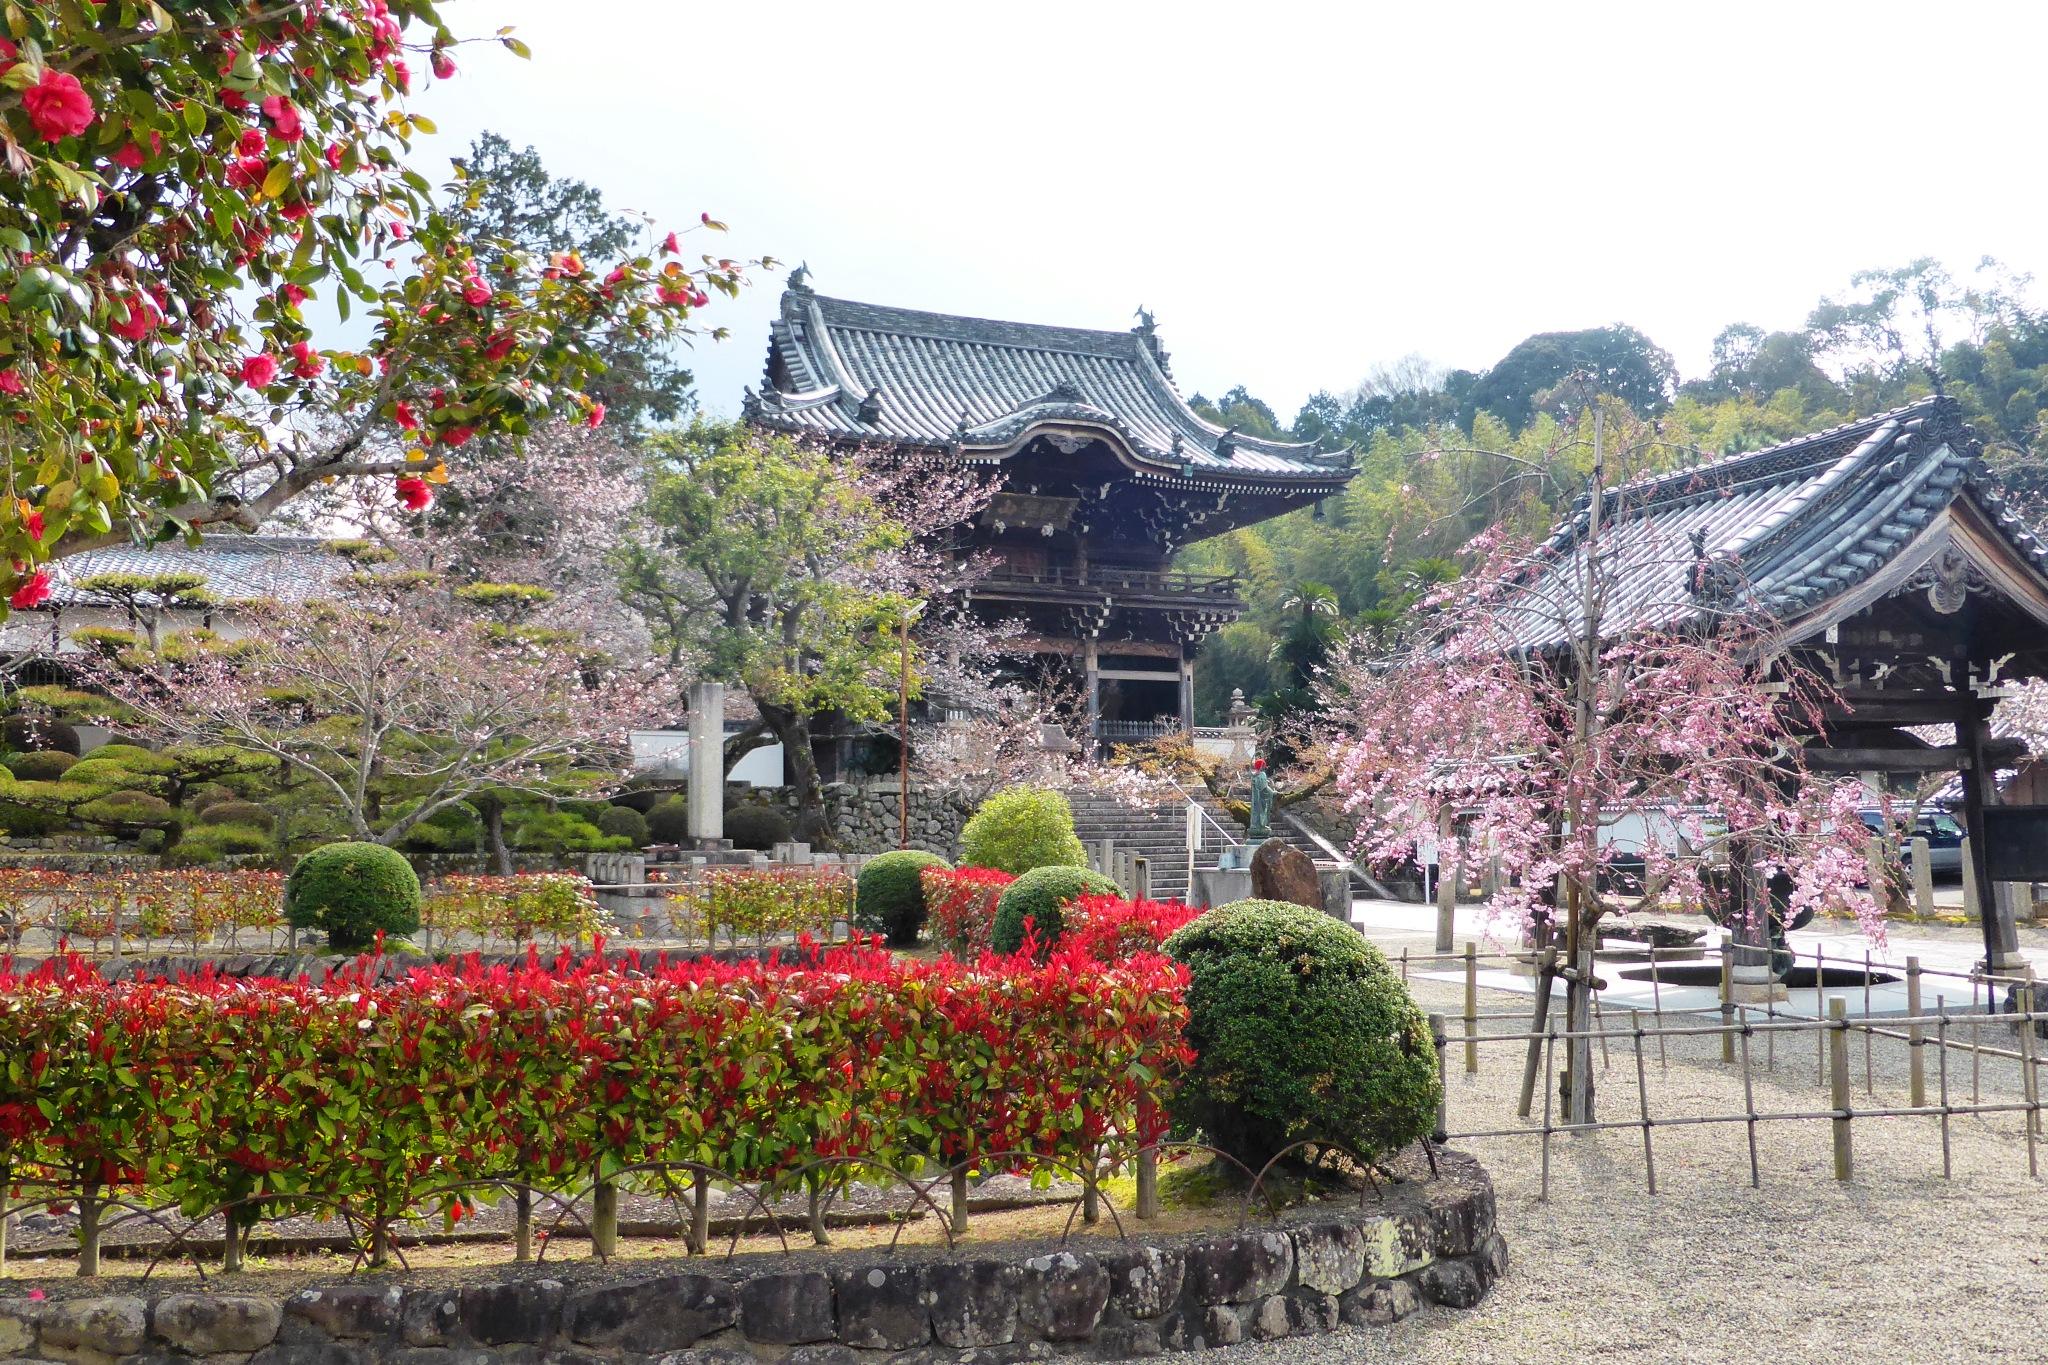 和歌山県紀の川市にある粉河寺の中門と桜と椿